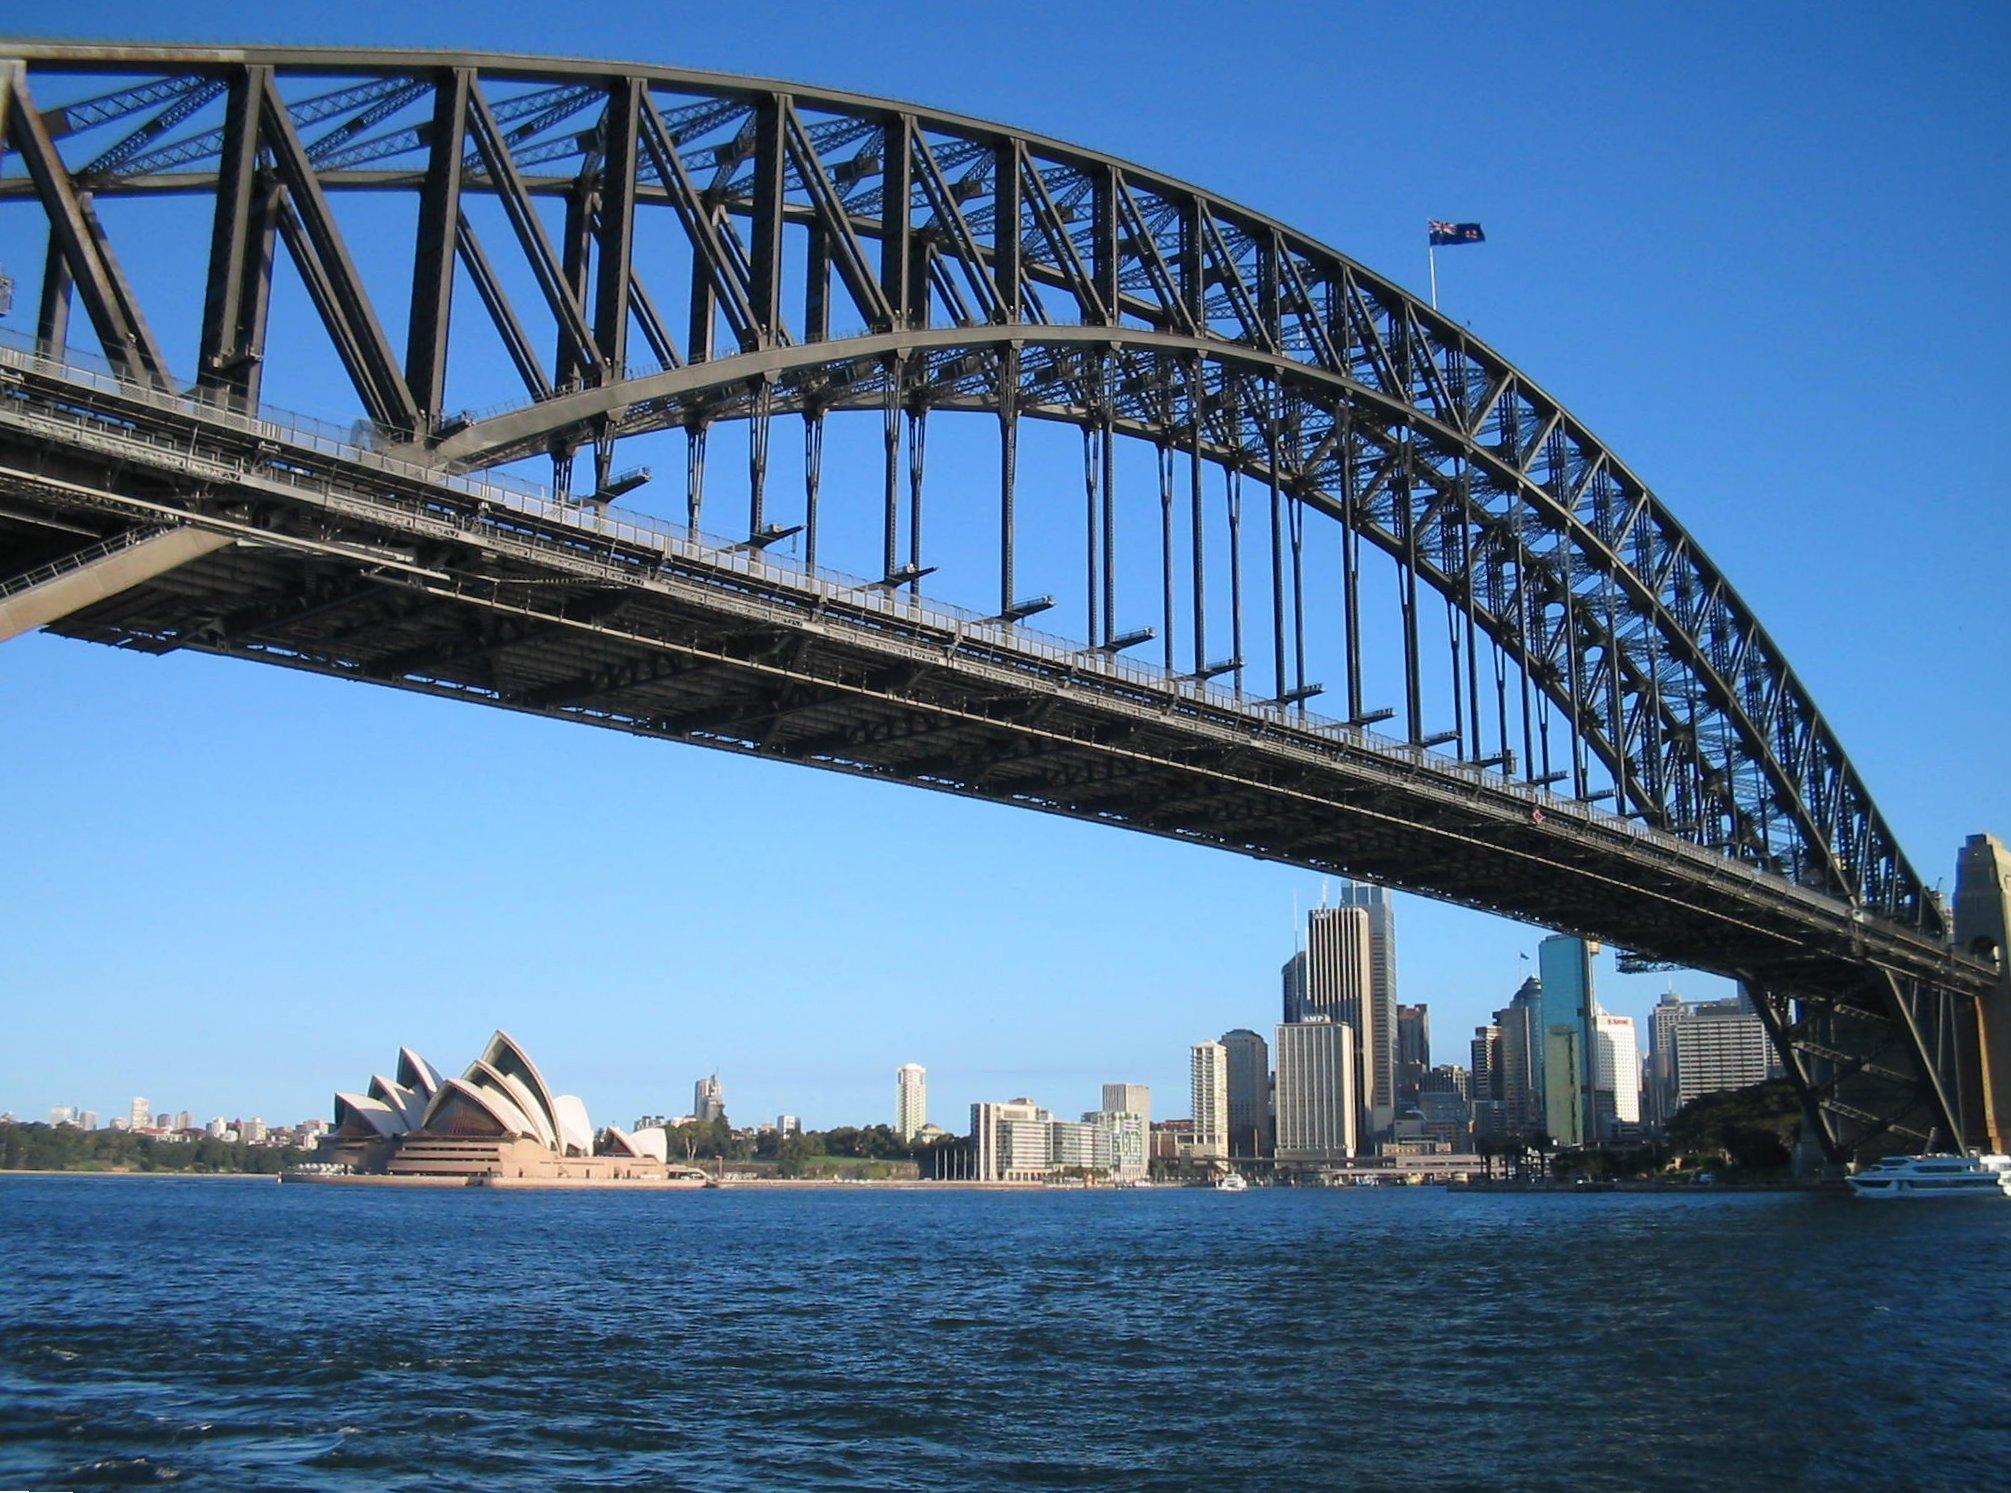 SydneyHarbourBridgeandOperaHouse_IB